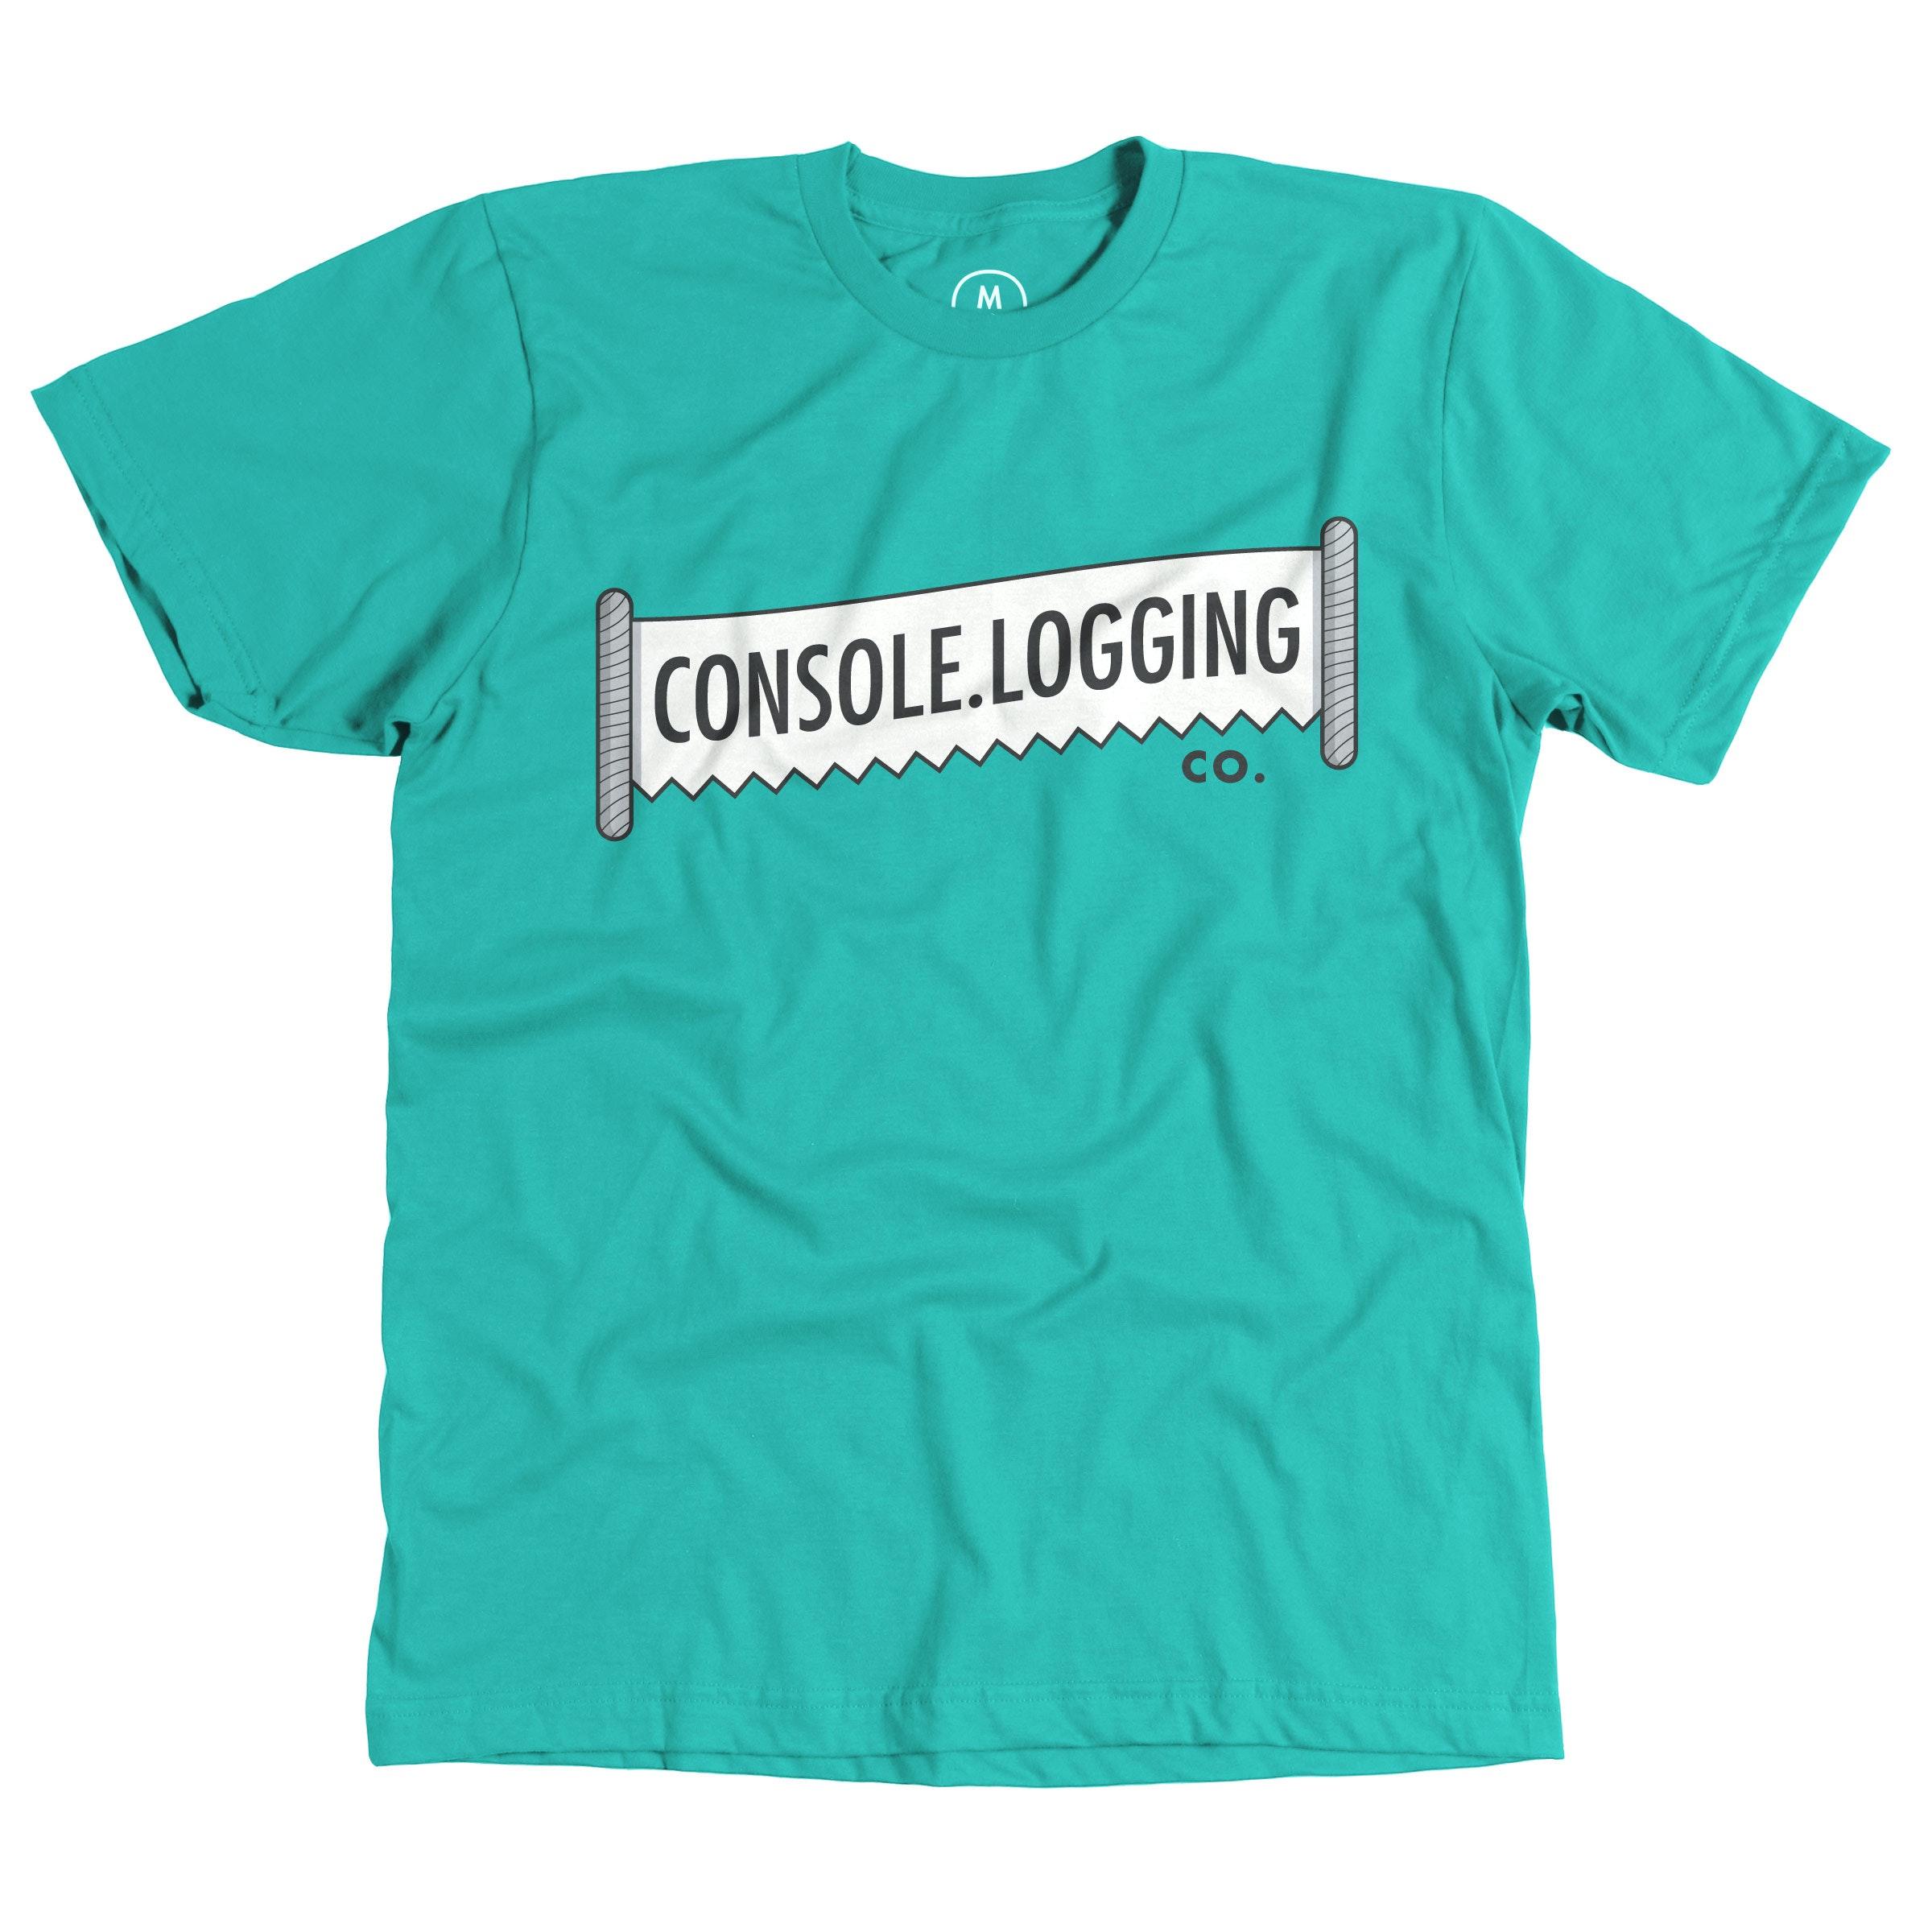 Console.Logging